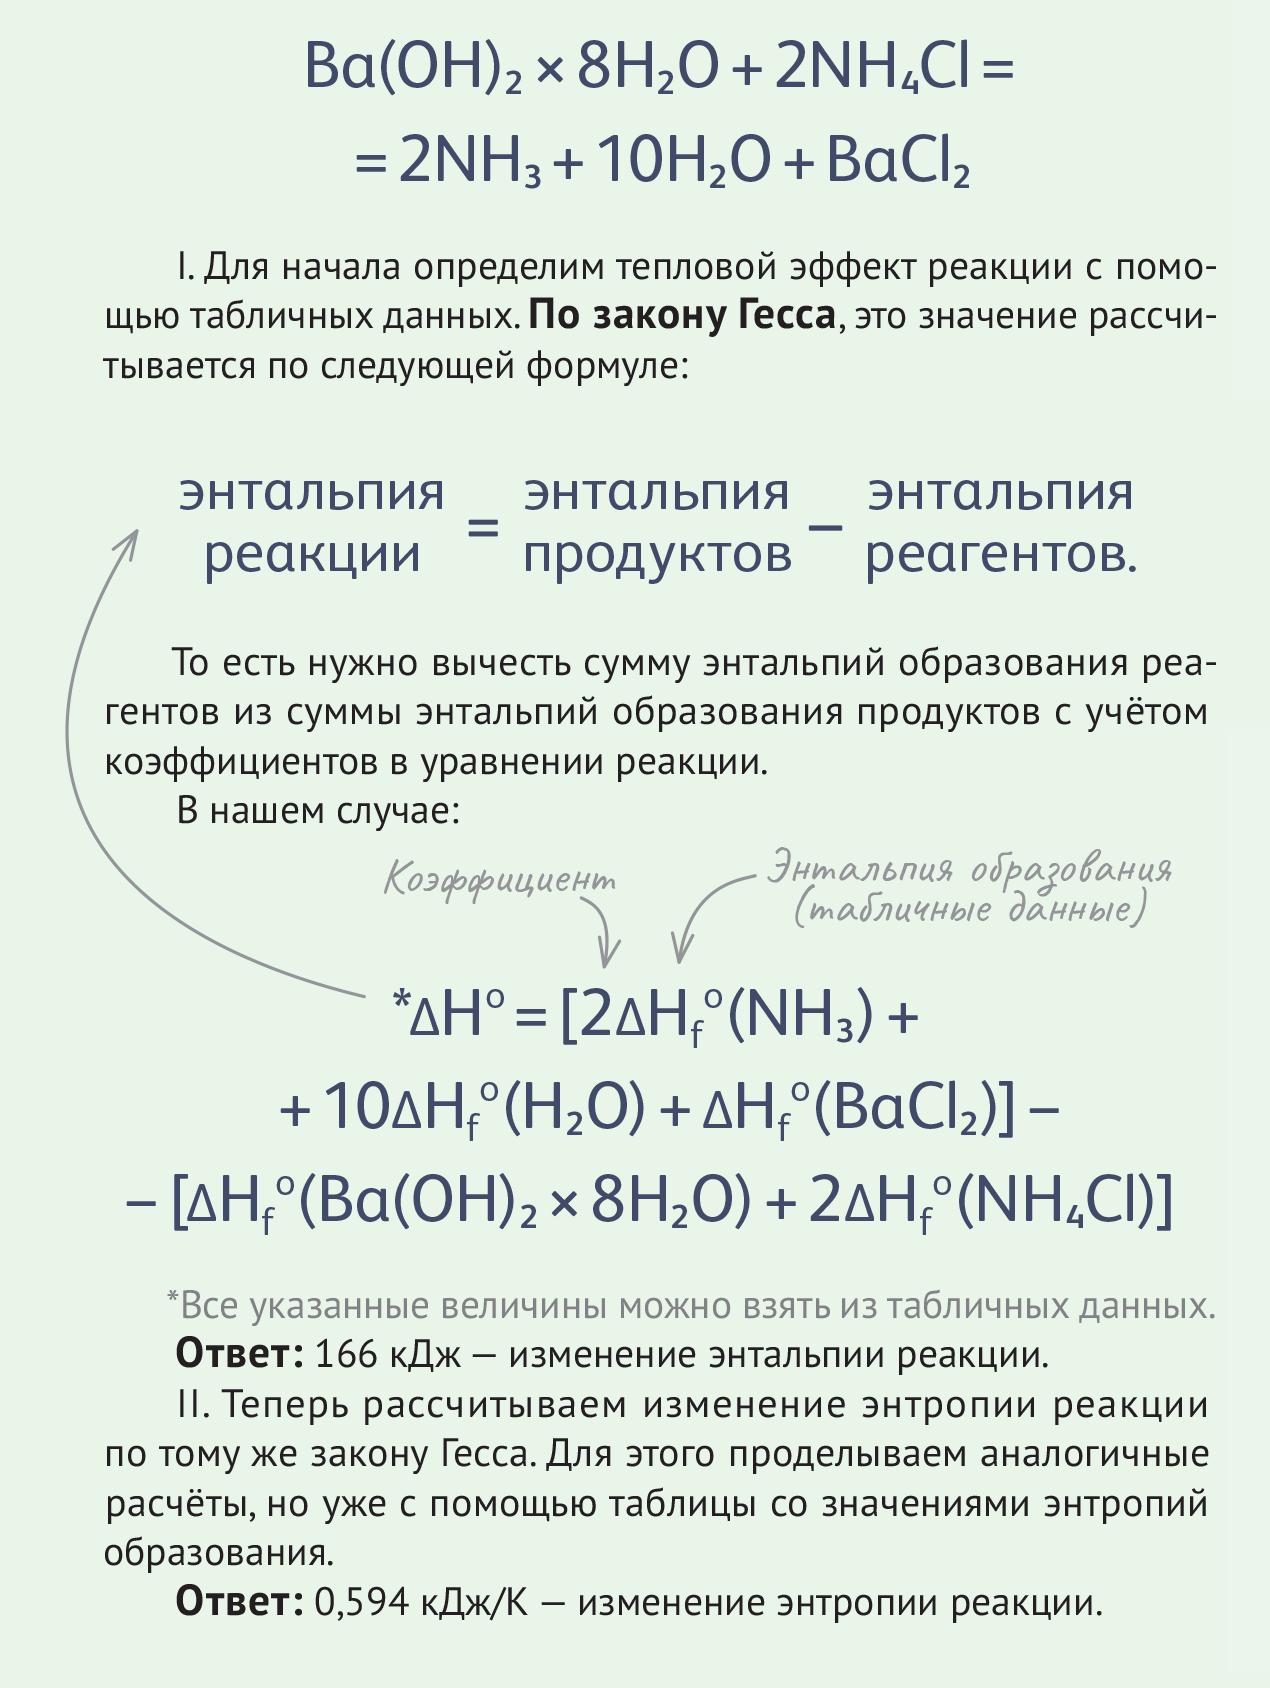 Энтальпия